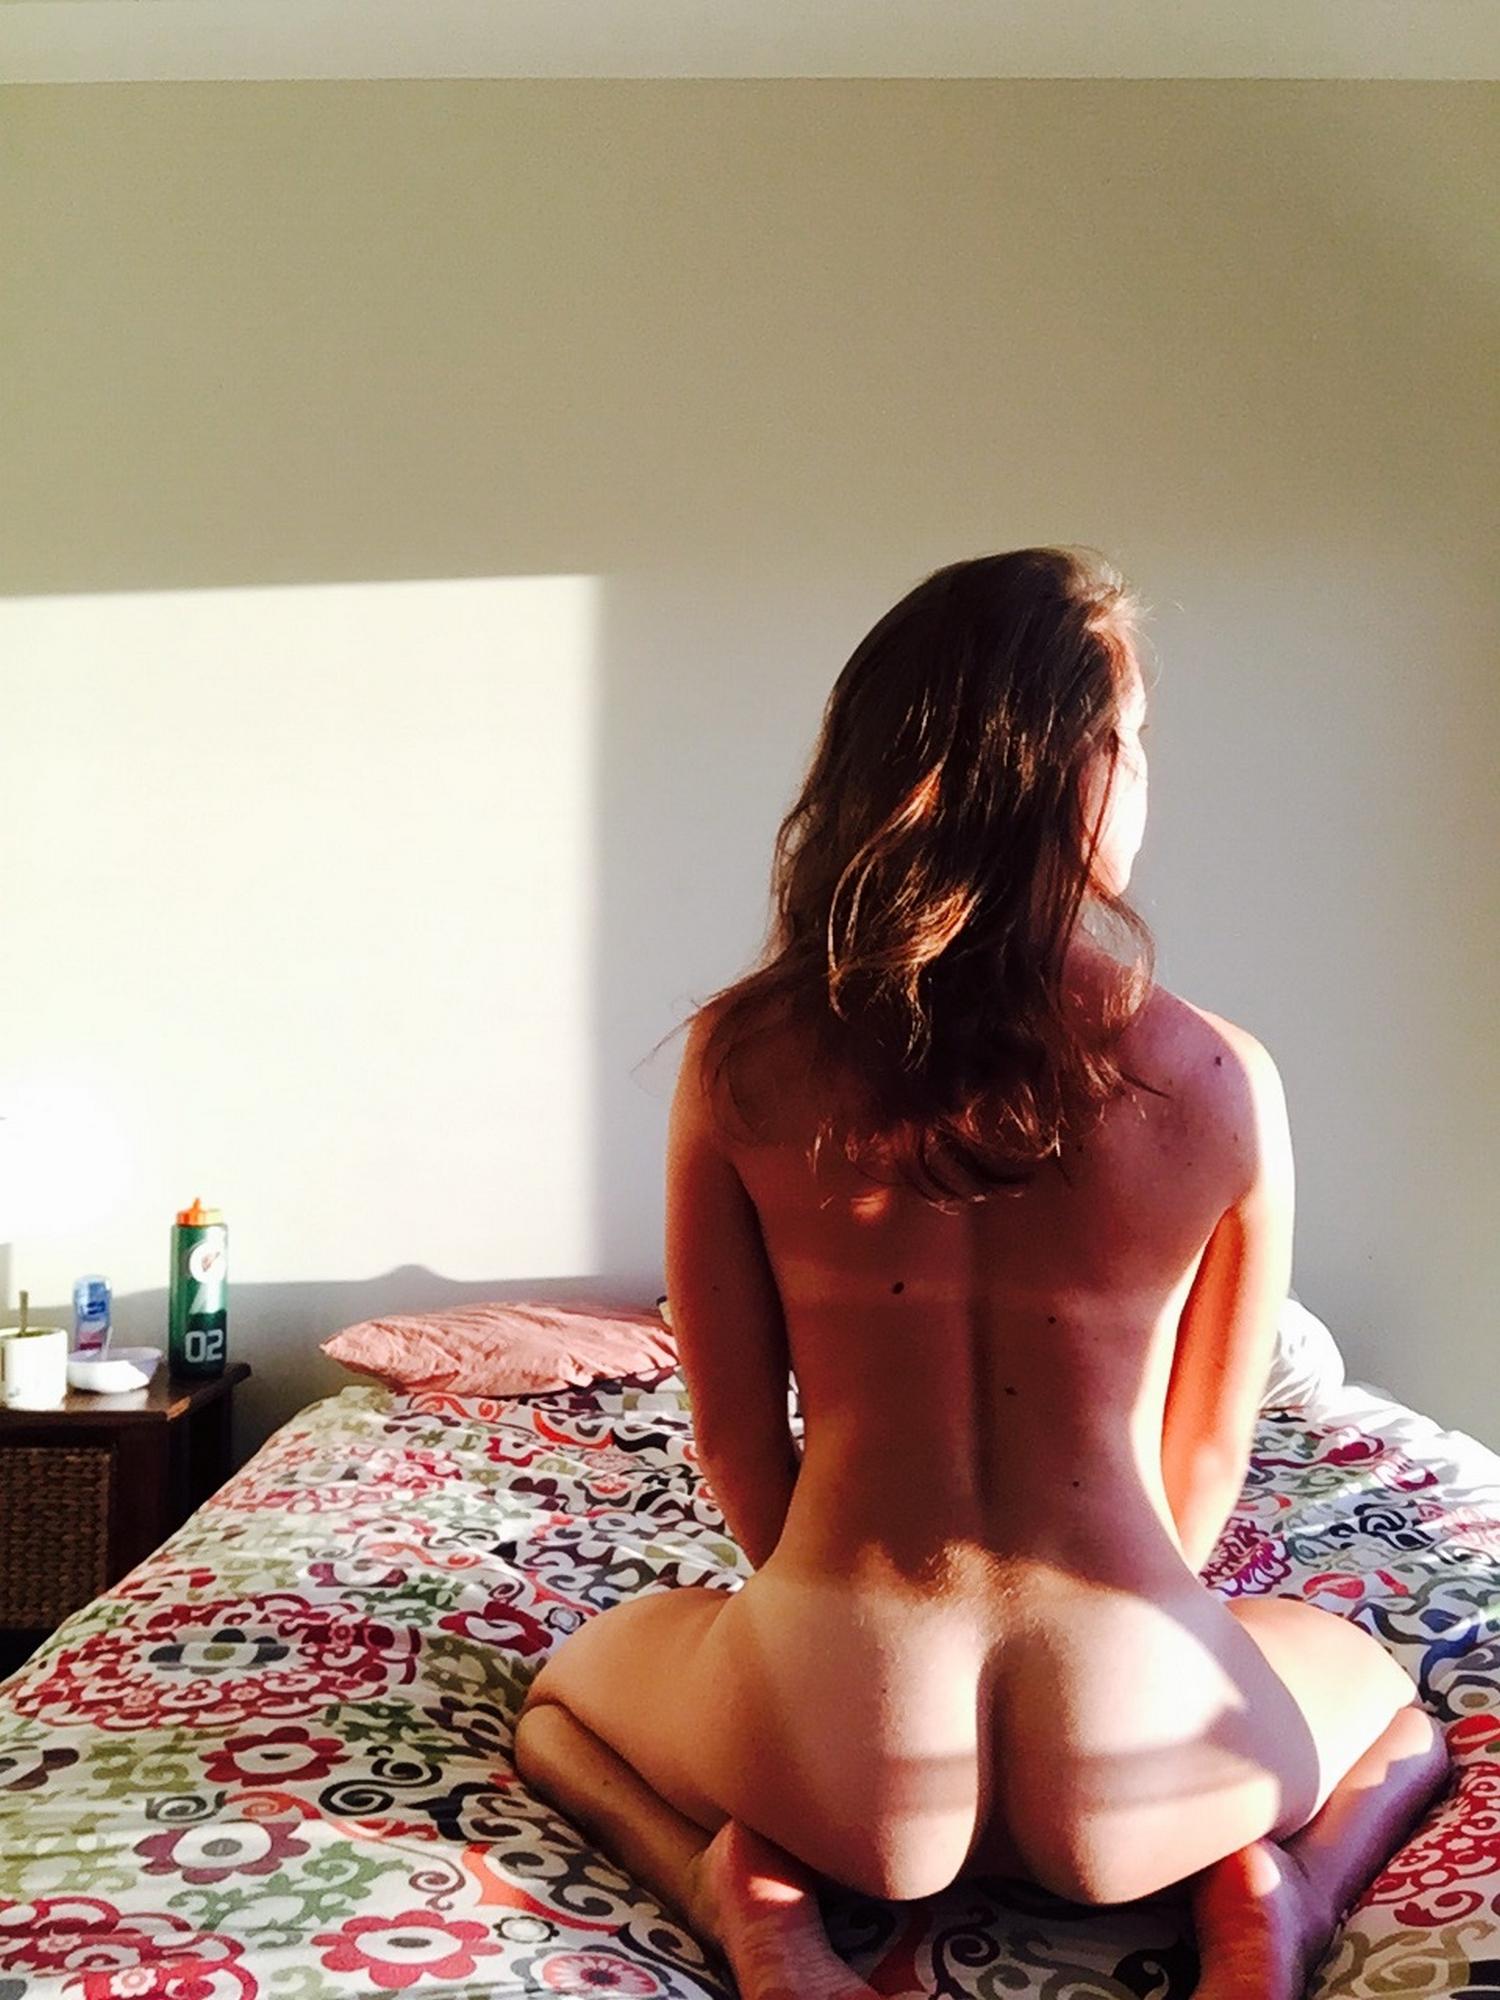 Восемнадцатилетняя нимфа прогуливается голой по квартире